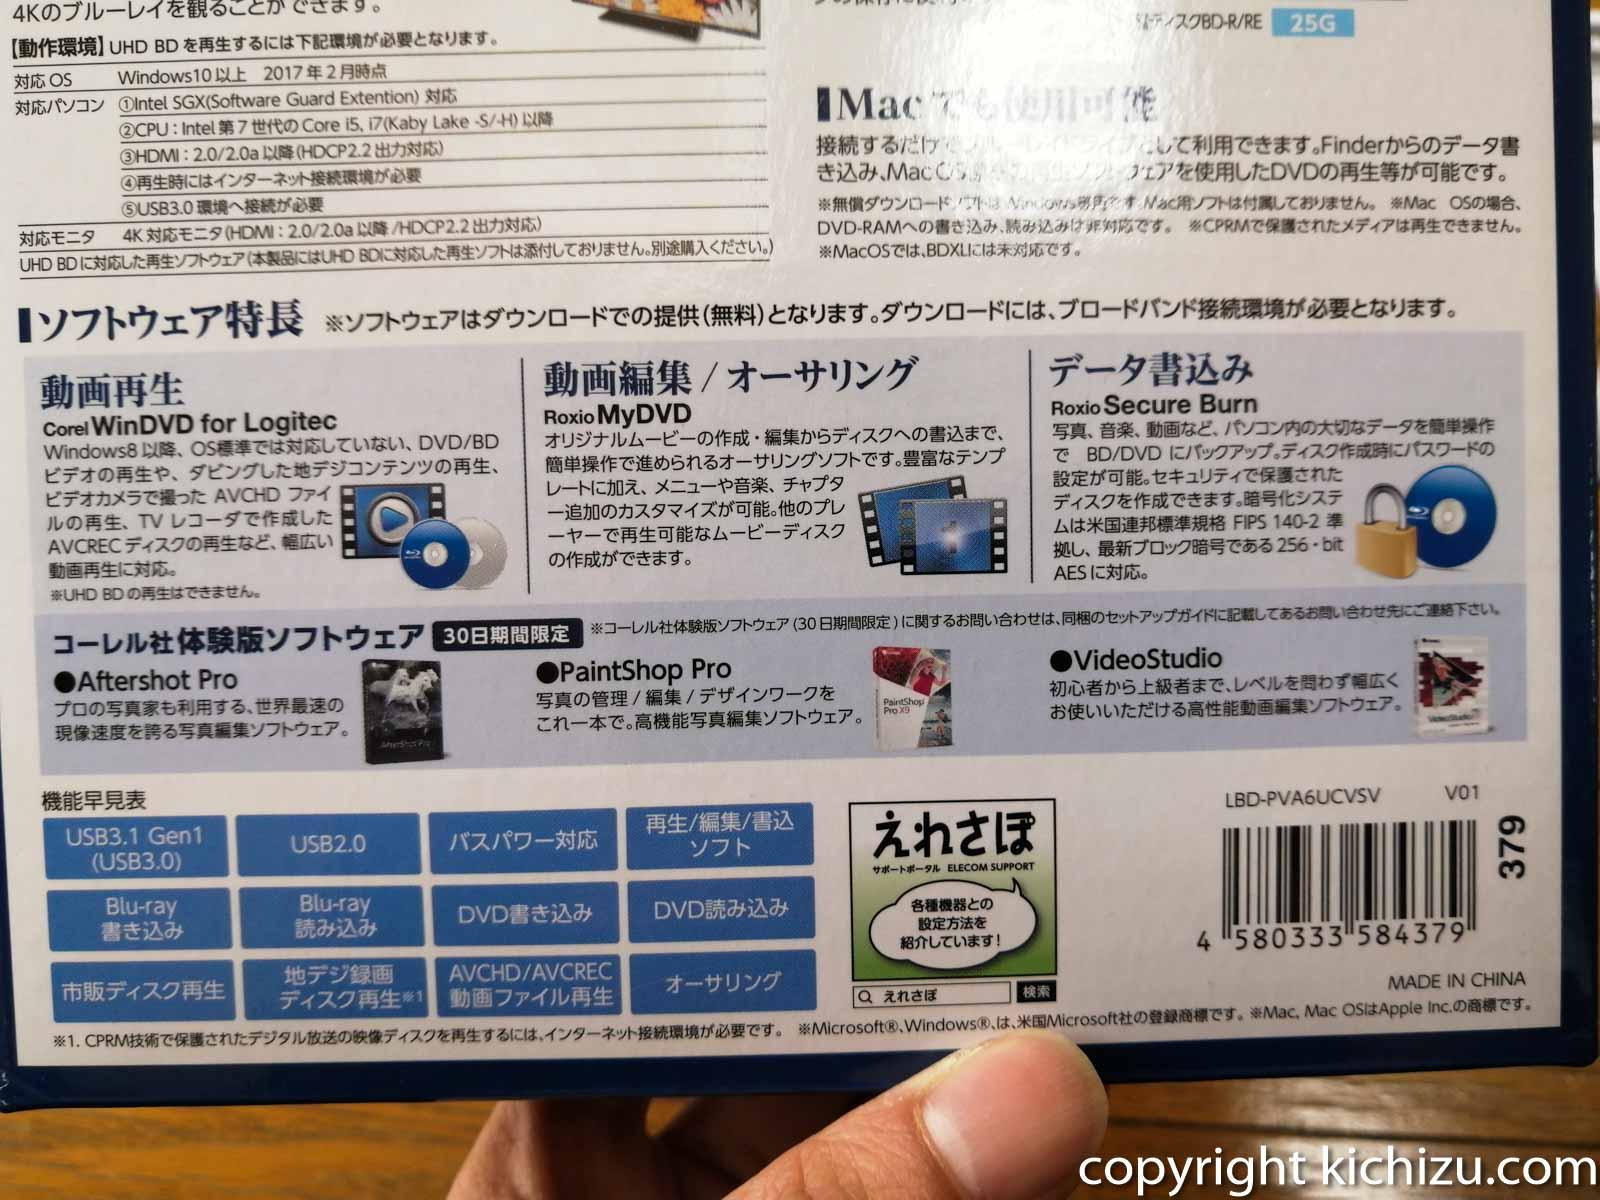 ブルーレイ/DVD/CDドライブの付属ソフト